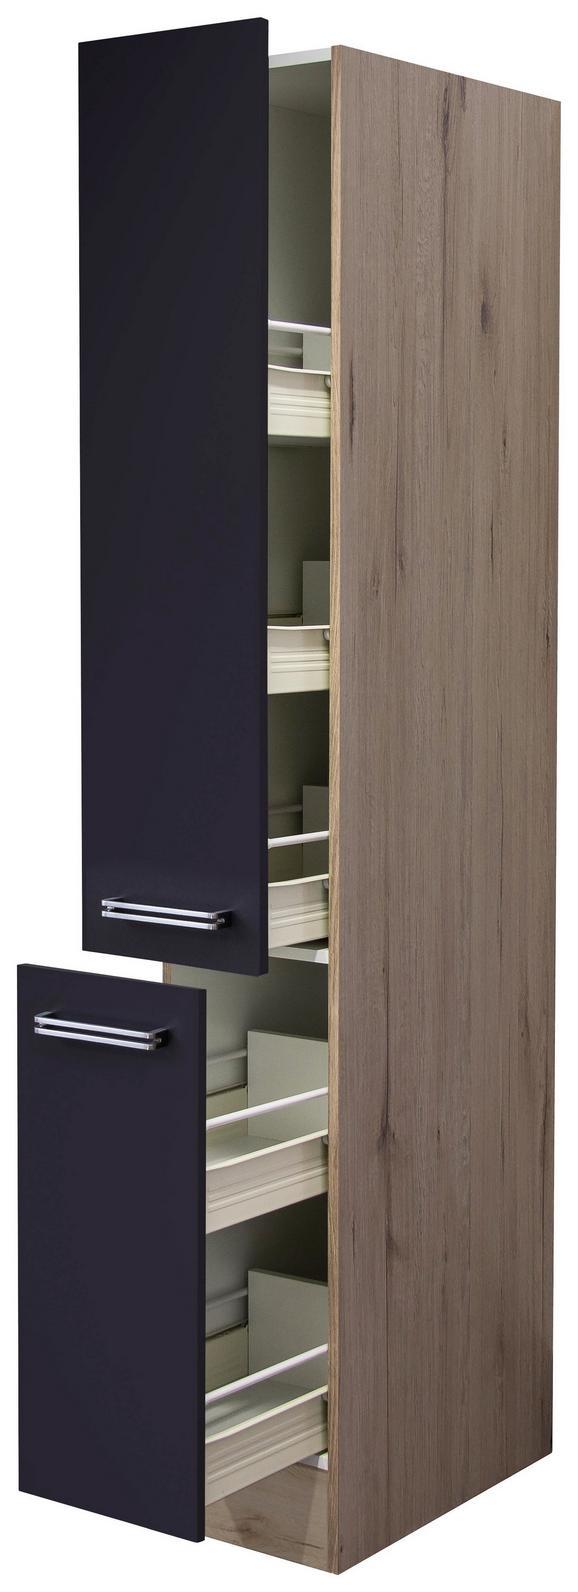 Izvlečna Omara Milano - hrast/antracit, Moderno, kovina/leseni material (30/200/57cm)